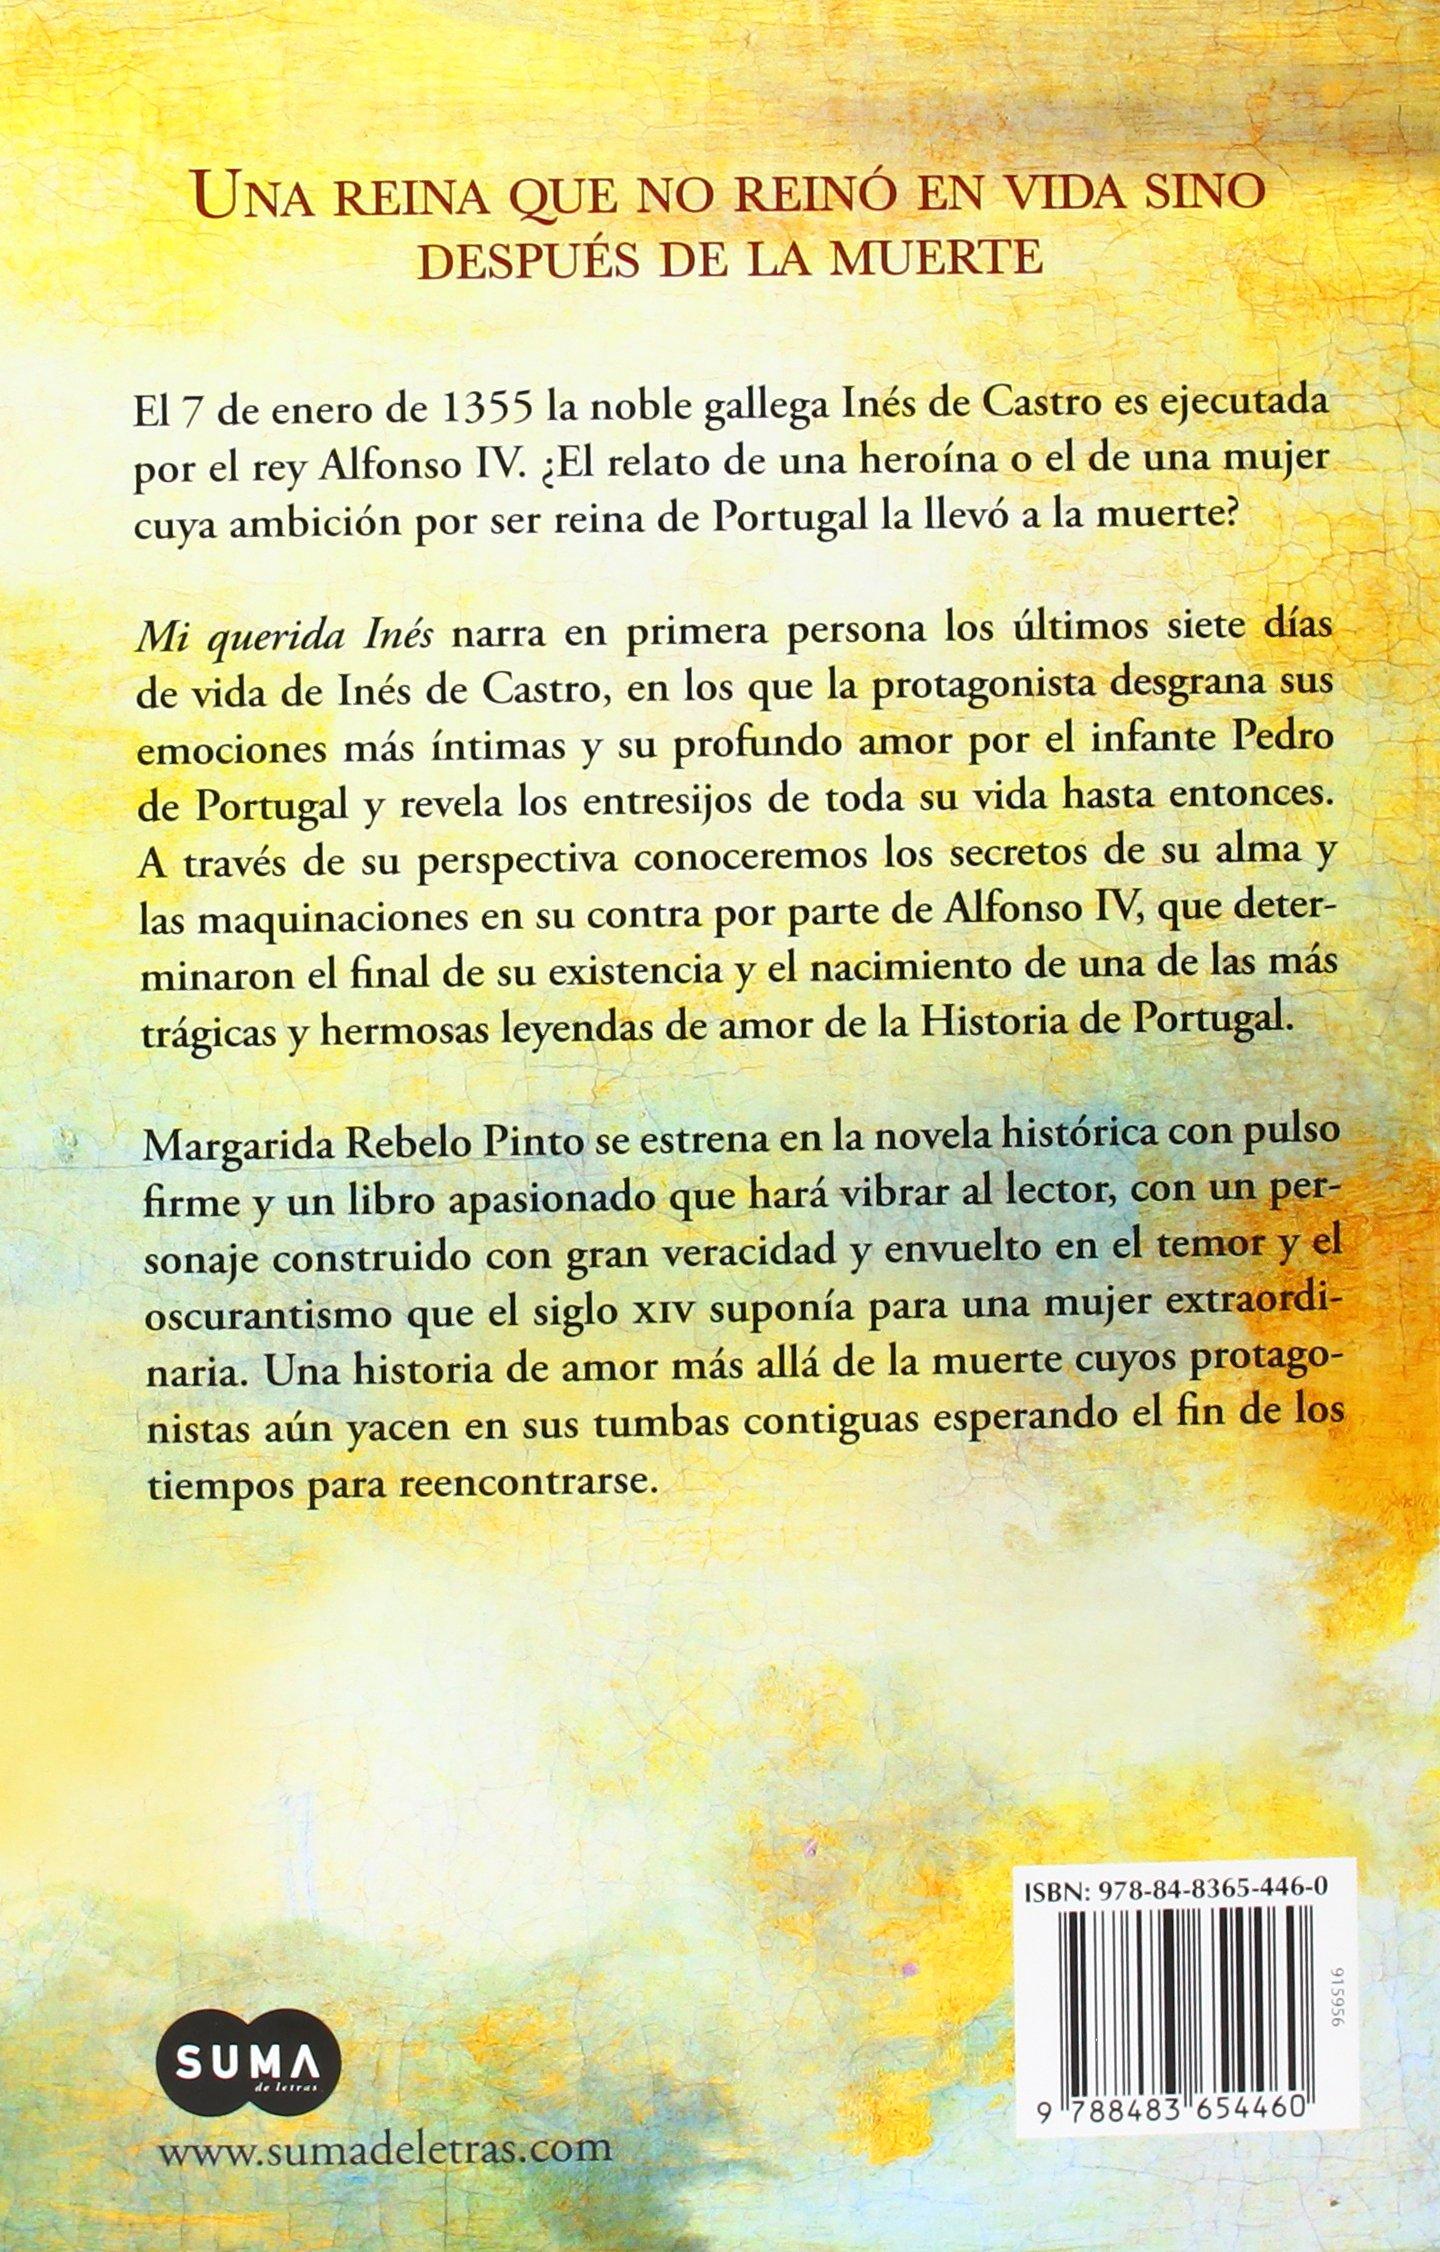 Mi querida Inés: la apasionante historia de la heroína española que enamoró al rey de Portugal: 9788483654460: Amazon.com: Books